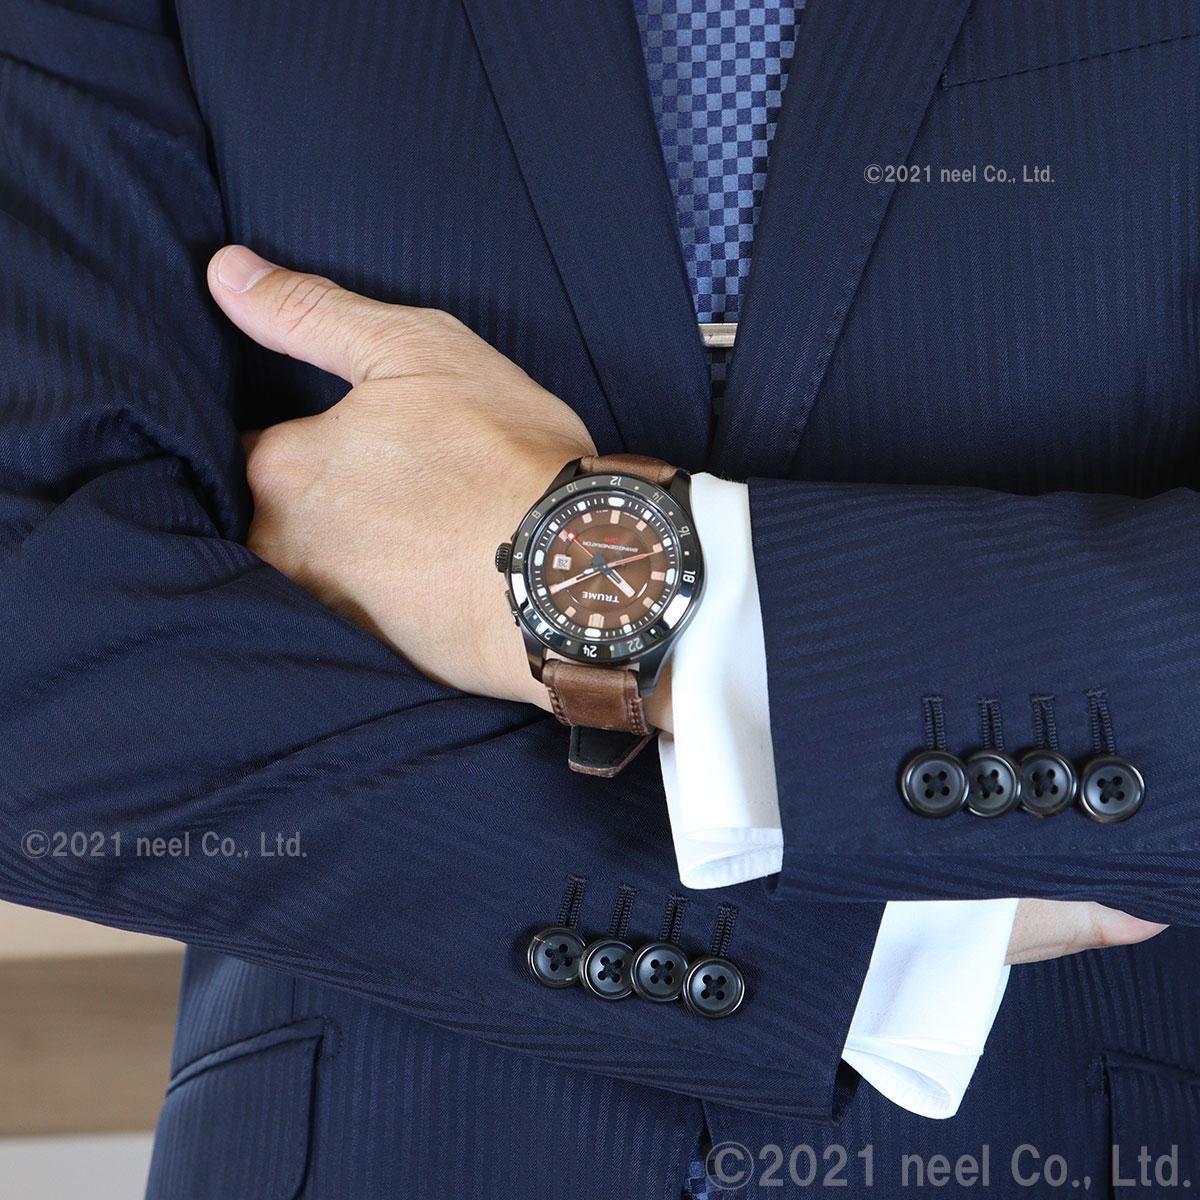 エプソン トゥルーム EPSON TRUME 腕時計 メンズ SWING GENERATOR L Collection Break Line TR-ME2005X